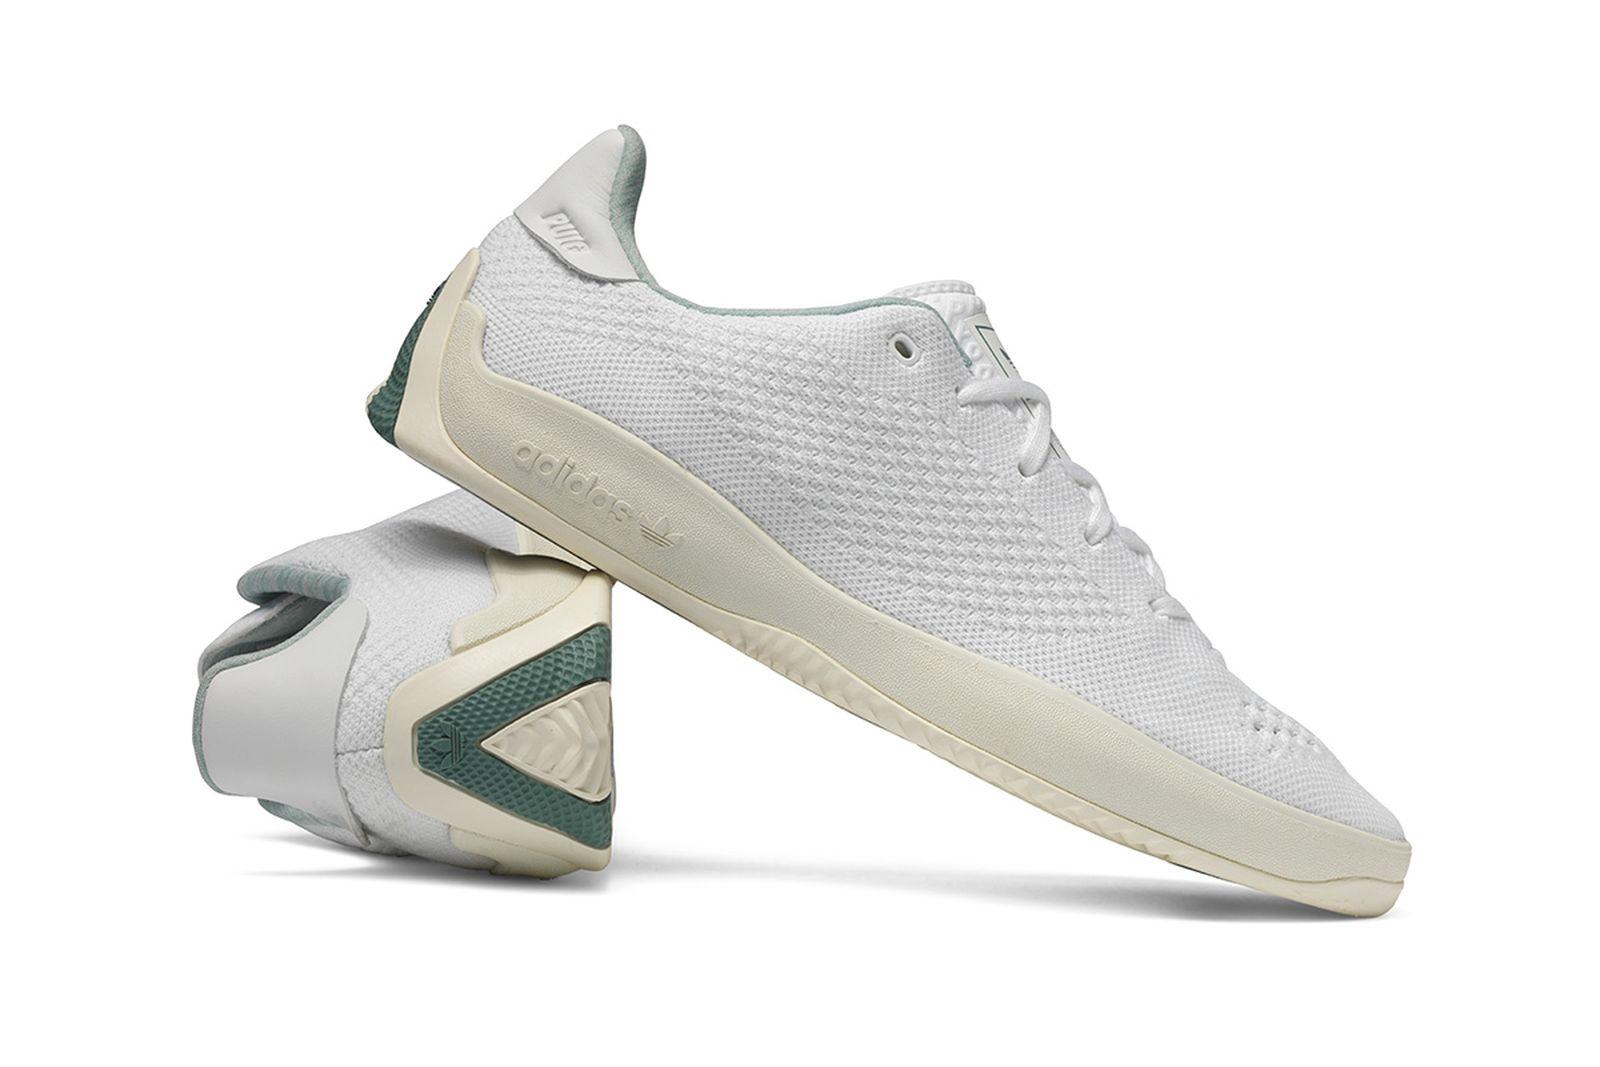 adidas-puig-pk-primeblue-release-date-price-09